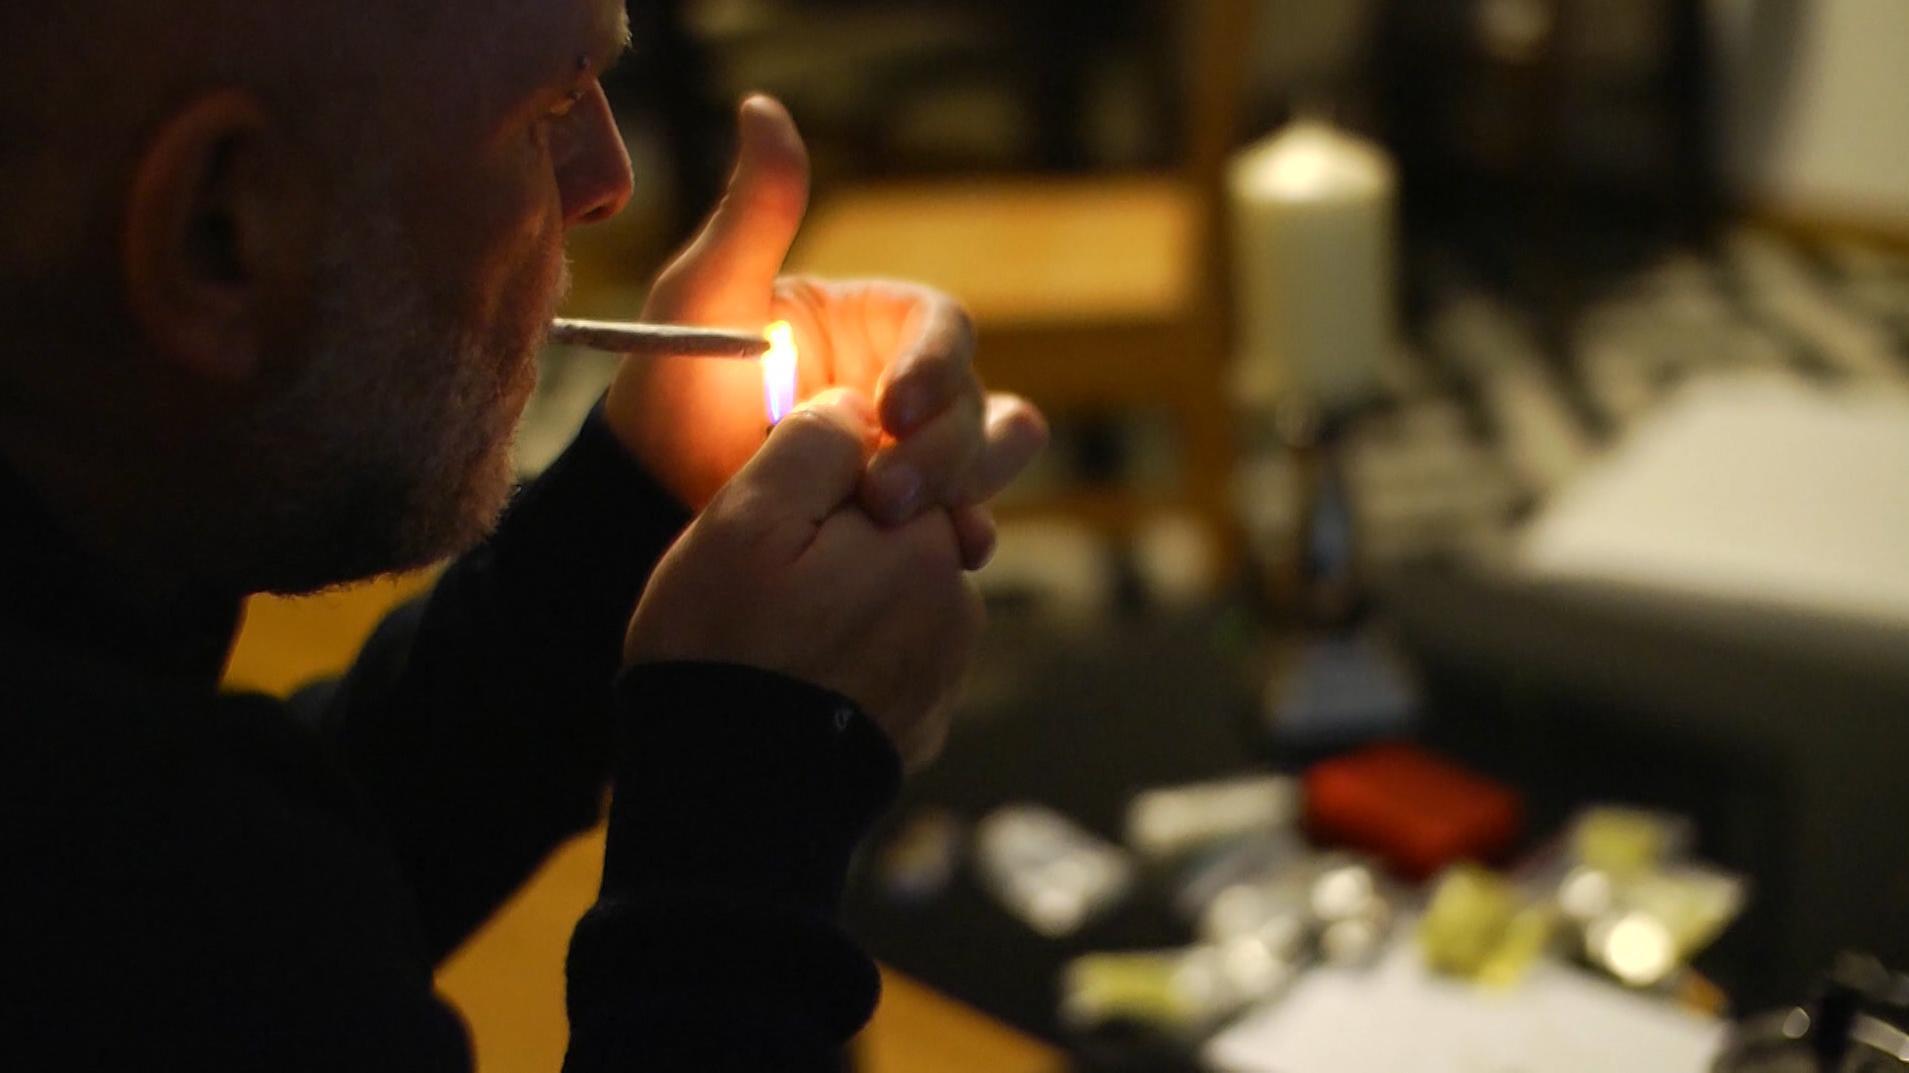 Debatte um Cannabis-Legalisierung